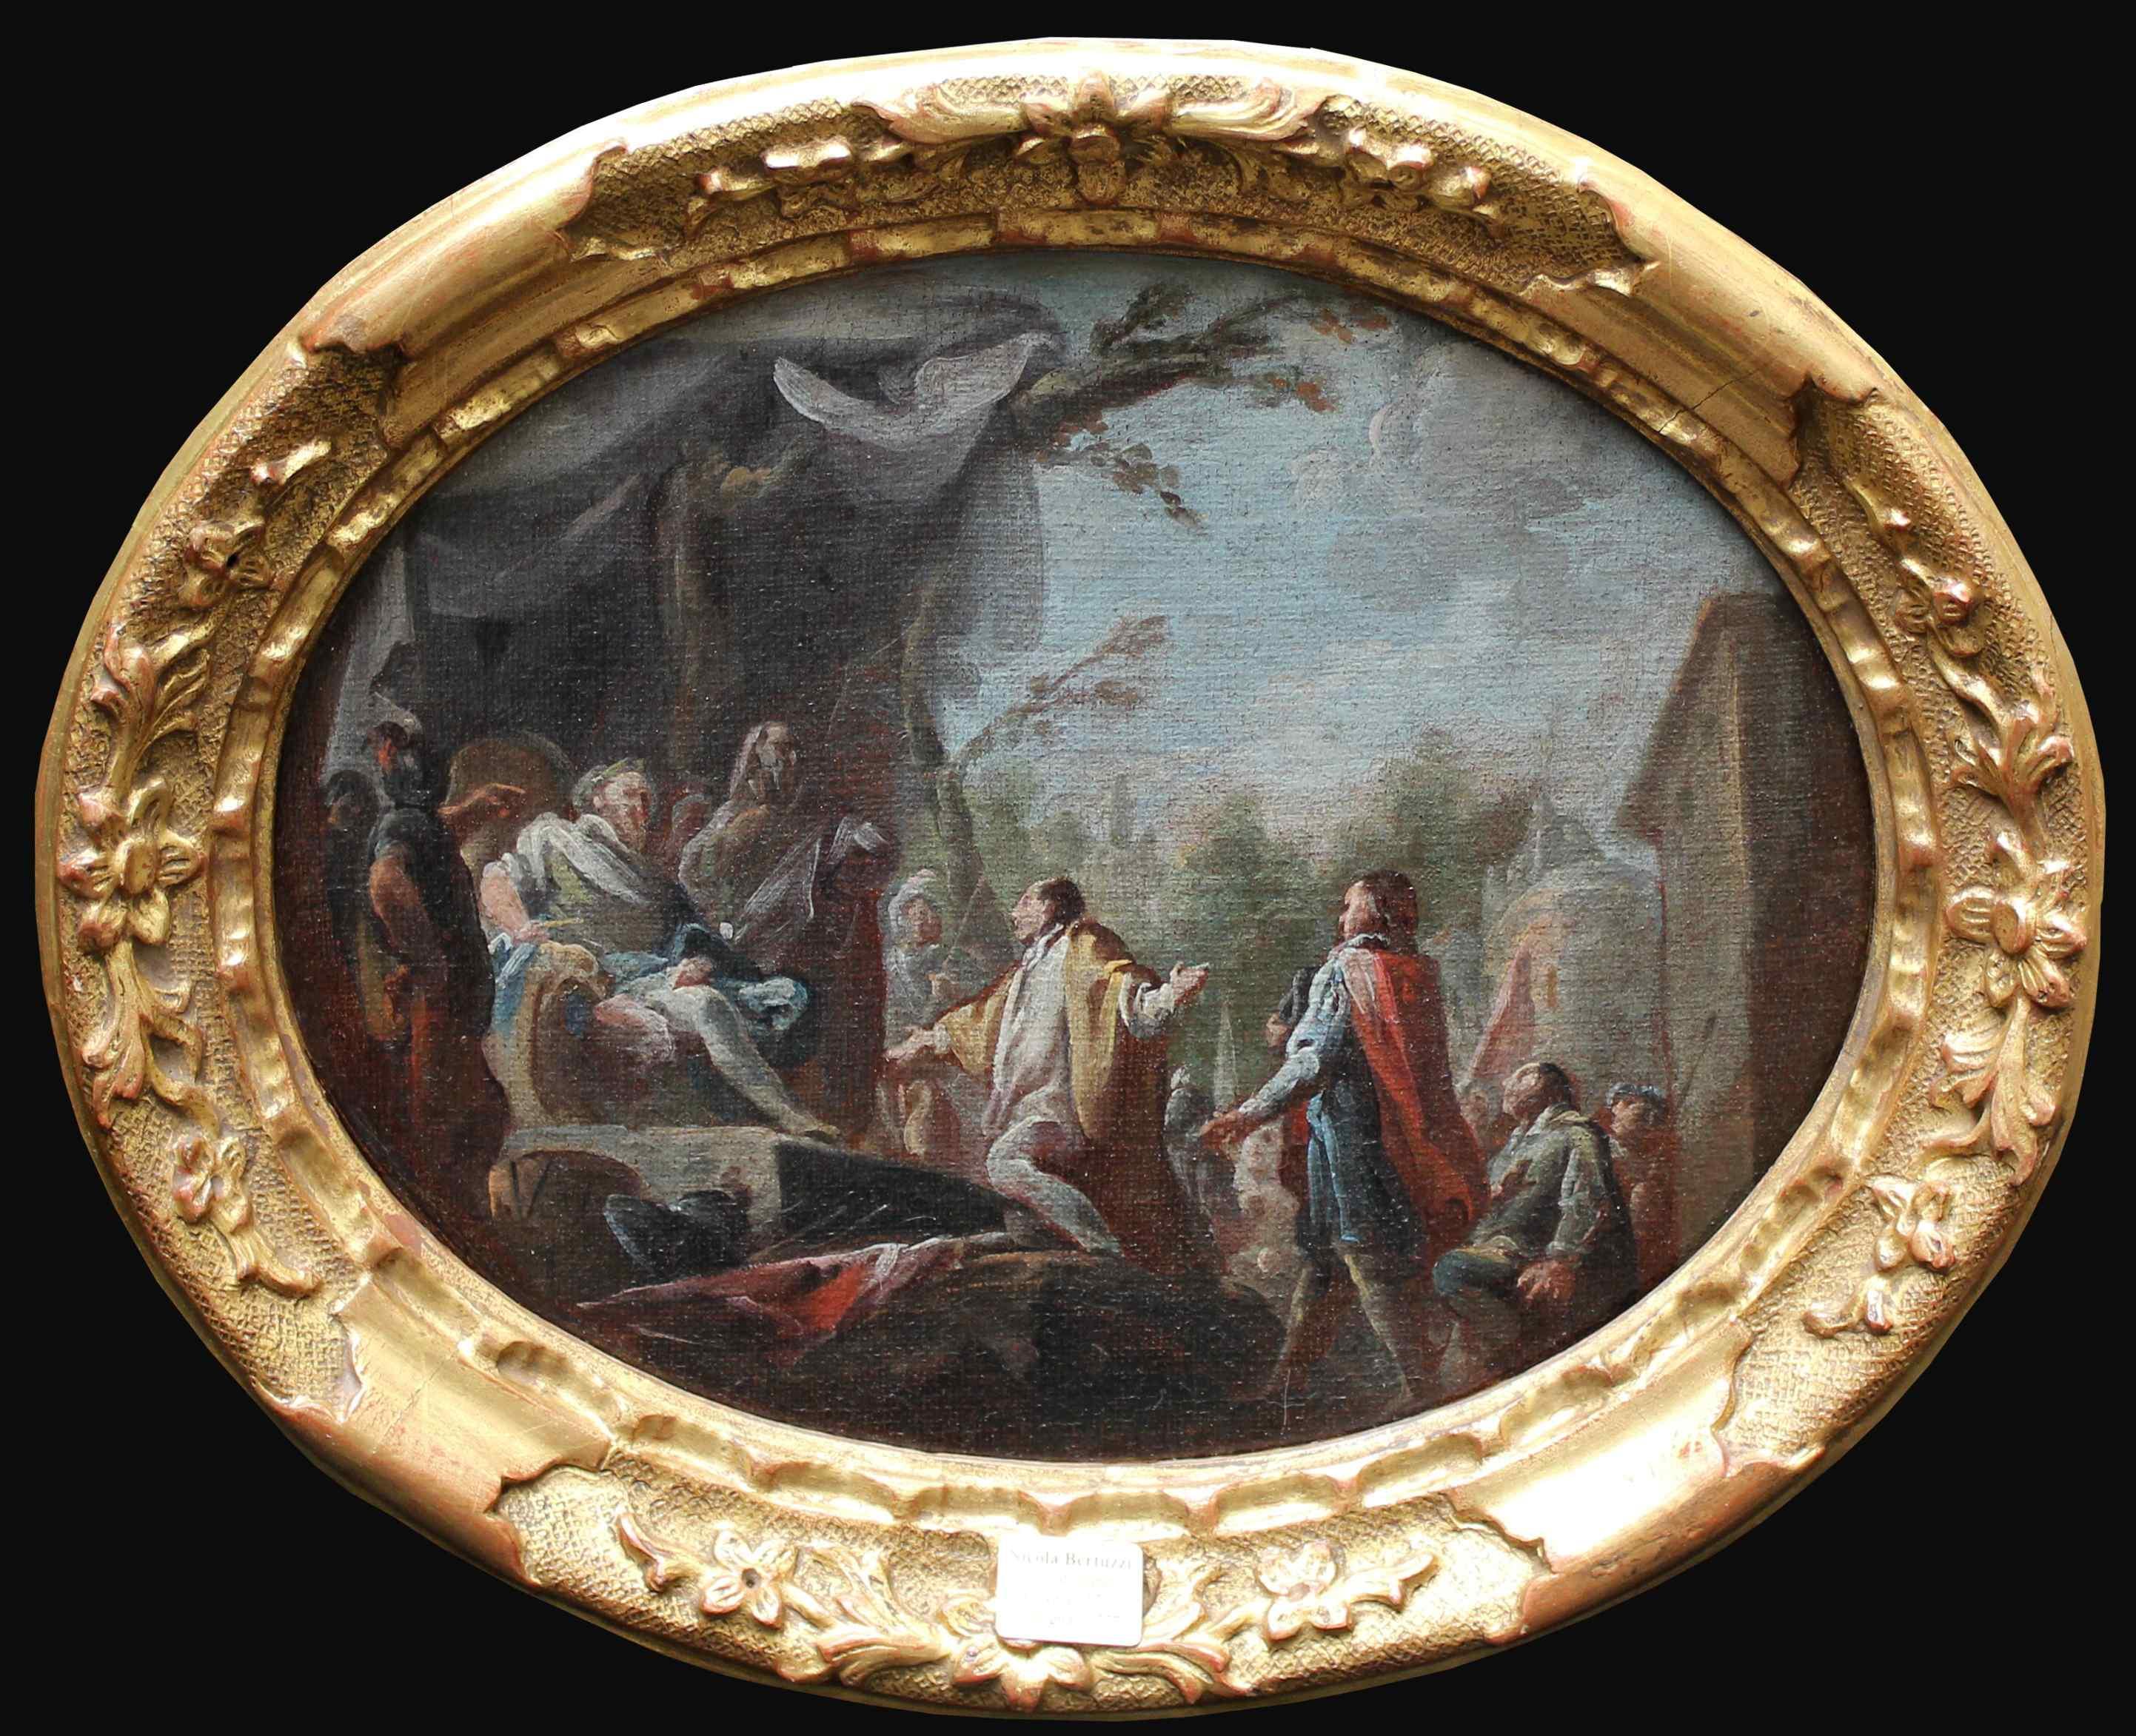 Nicola Bertuzzi, le Anconetano (1710-1777), Scène historique